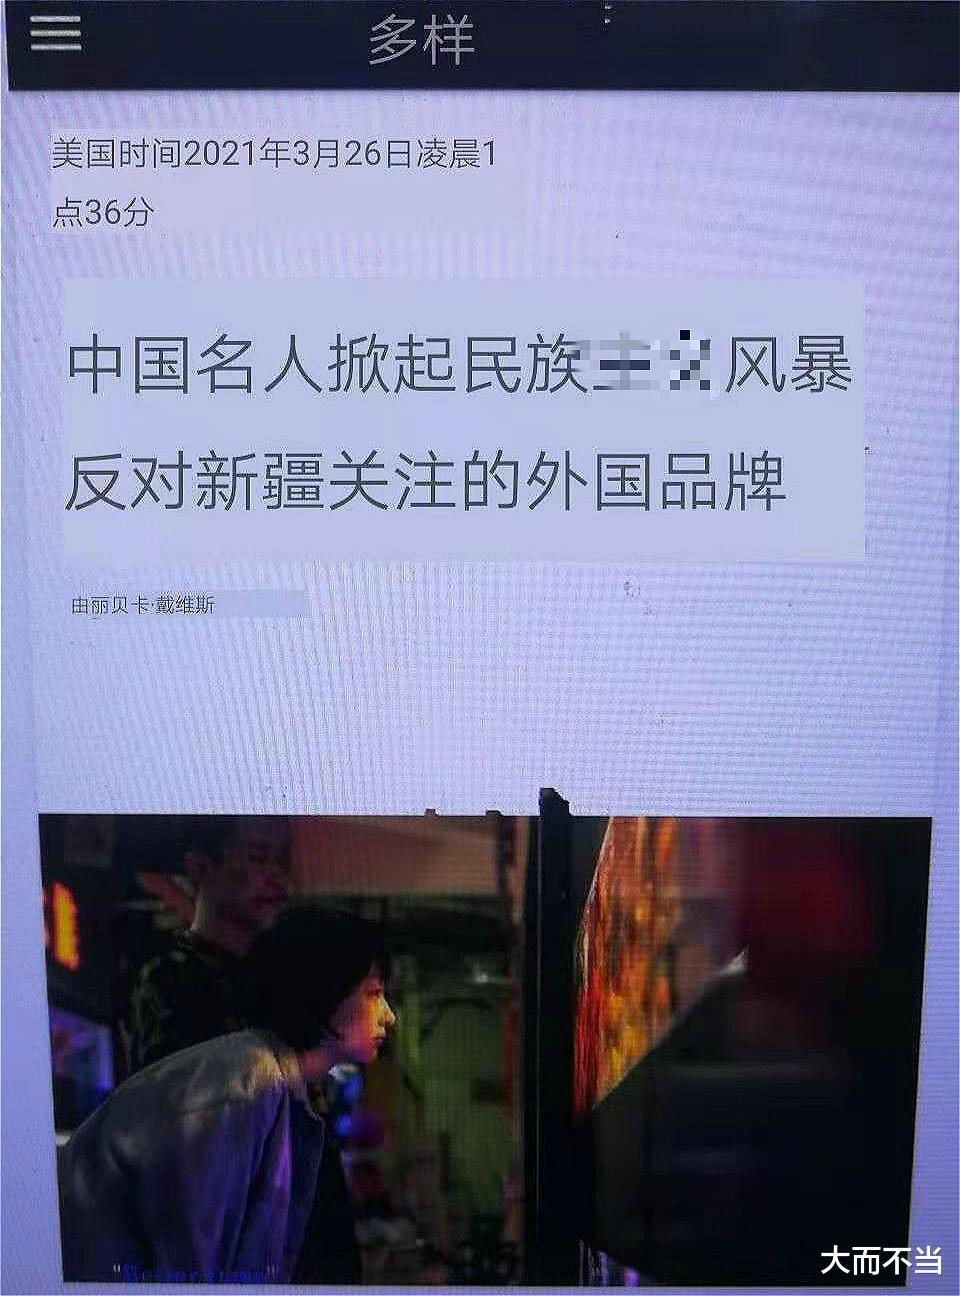 """好莱坞媒体高调报道内娱""""解约事件"""",刘亦菲周冬雨成众矢之的"""